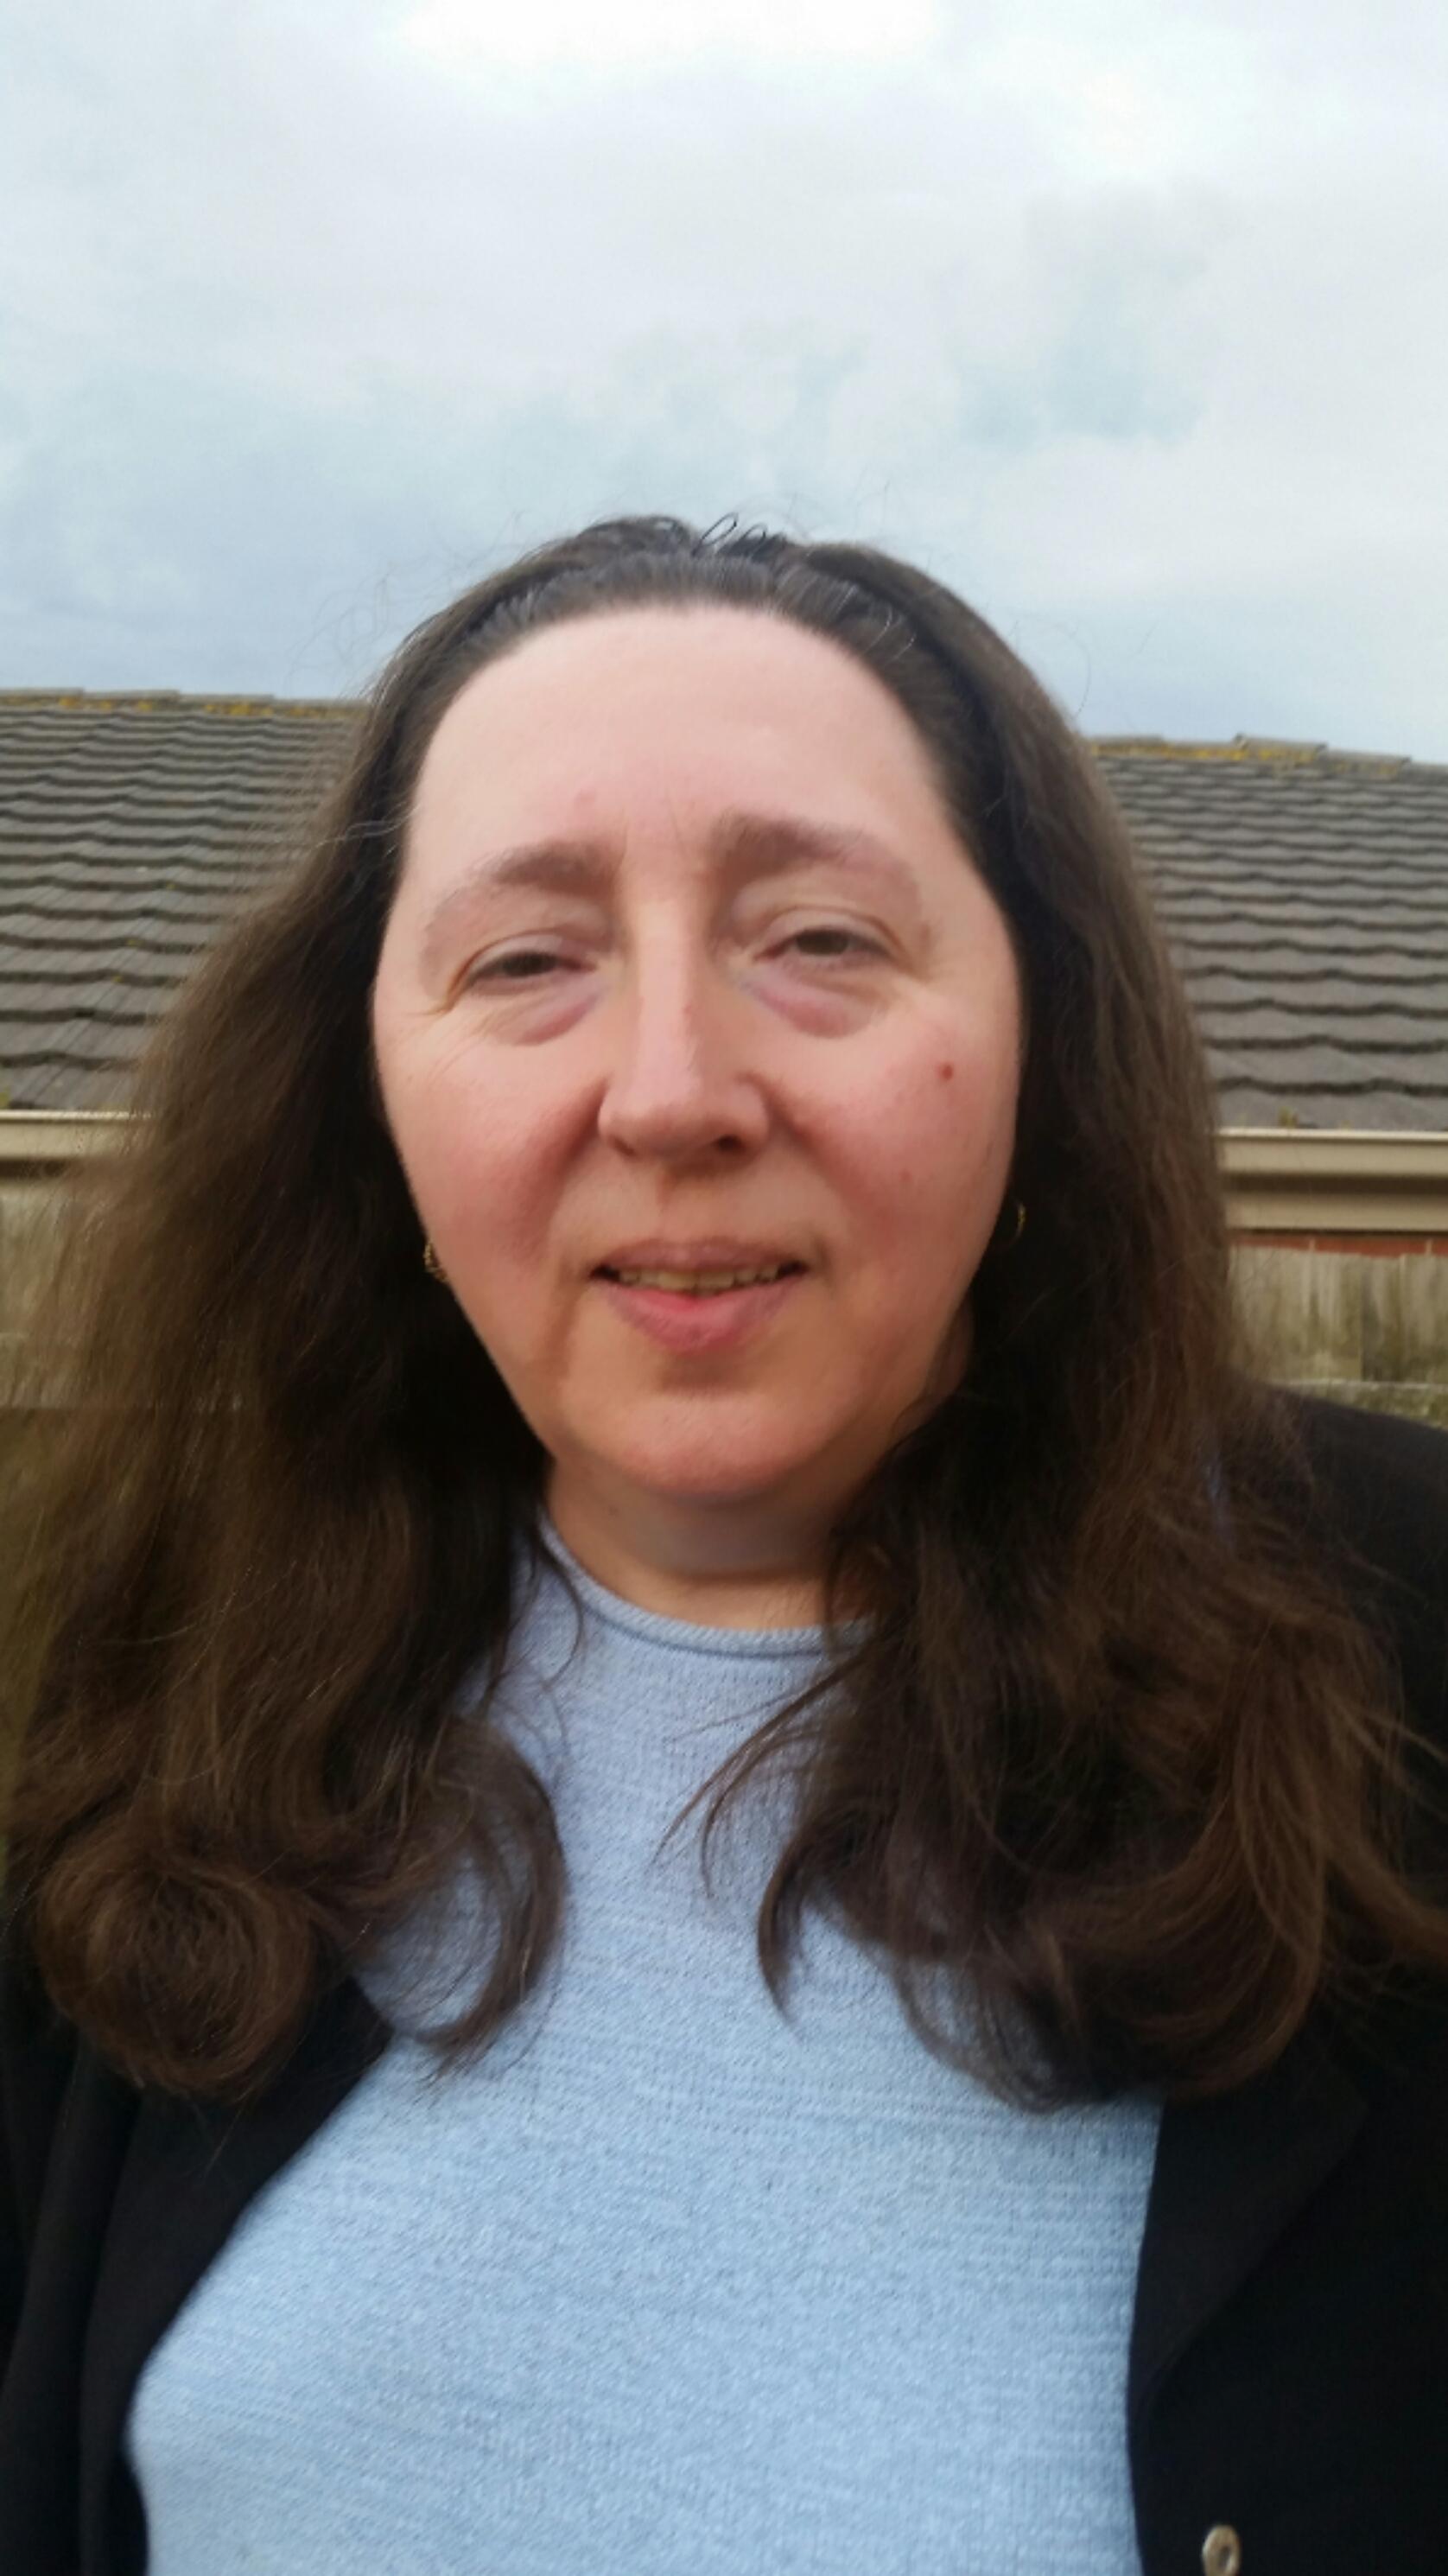 Photo of Heidi Thorpe